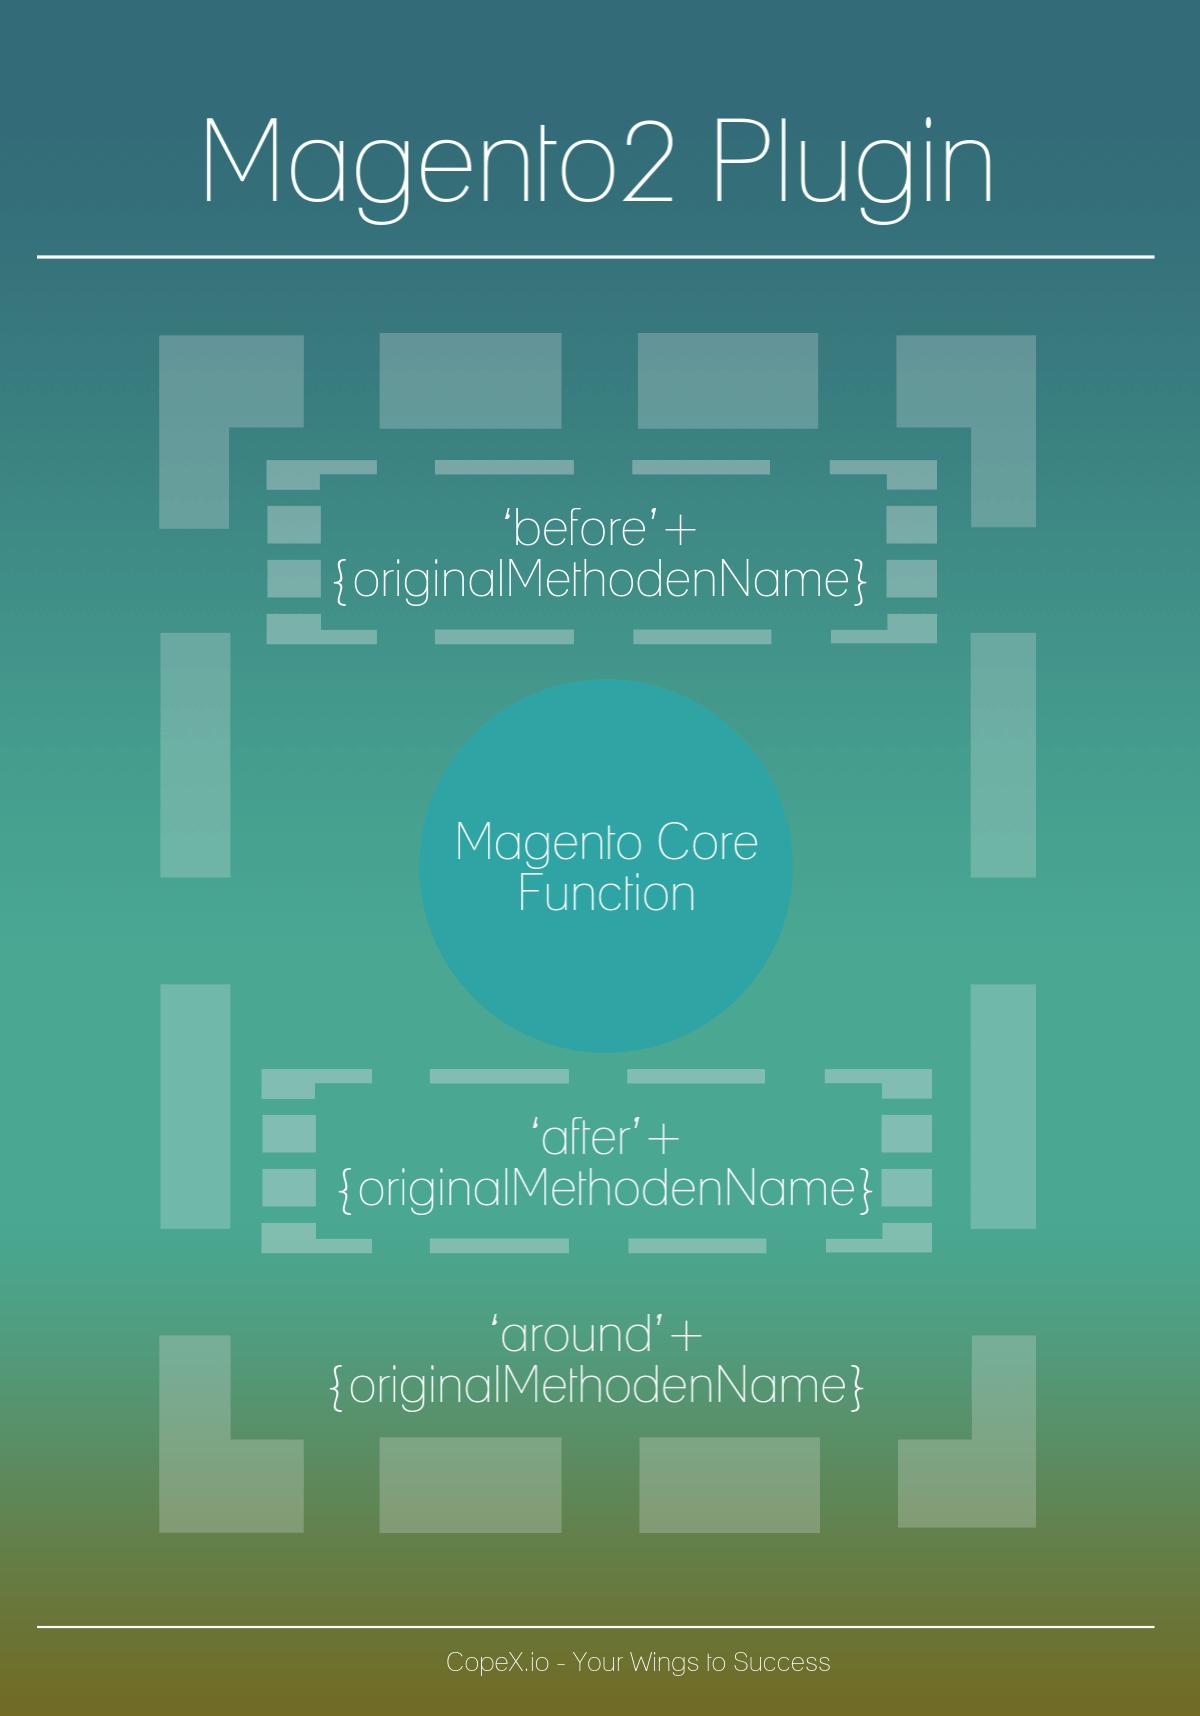 Magento2 Plugins - CopeX